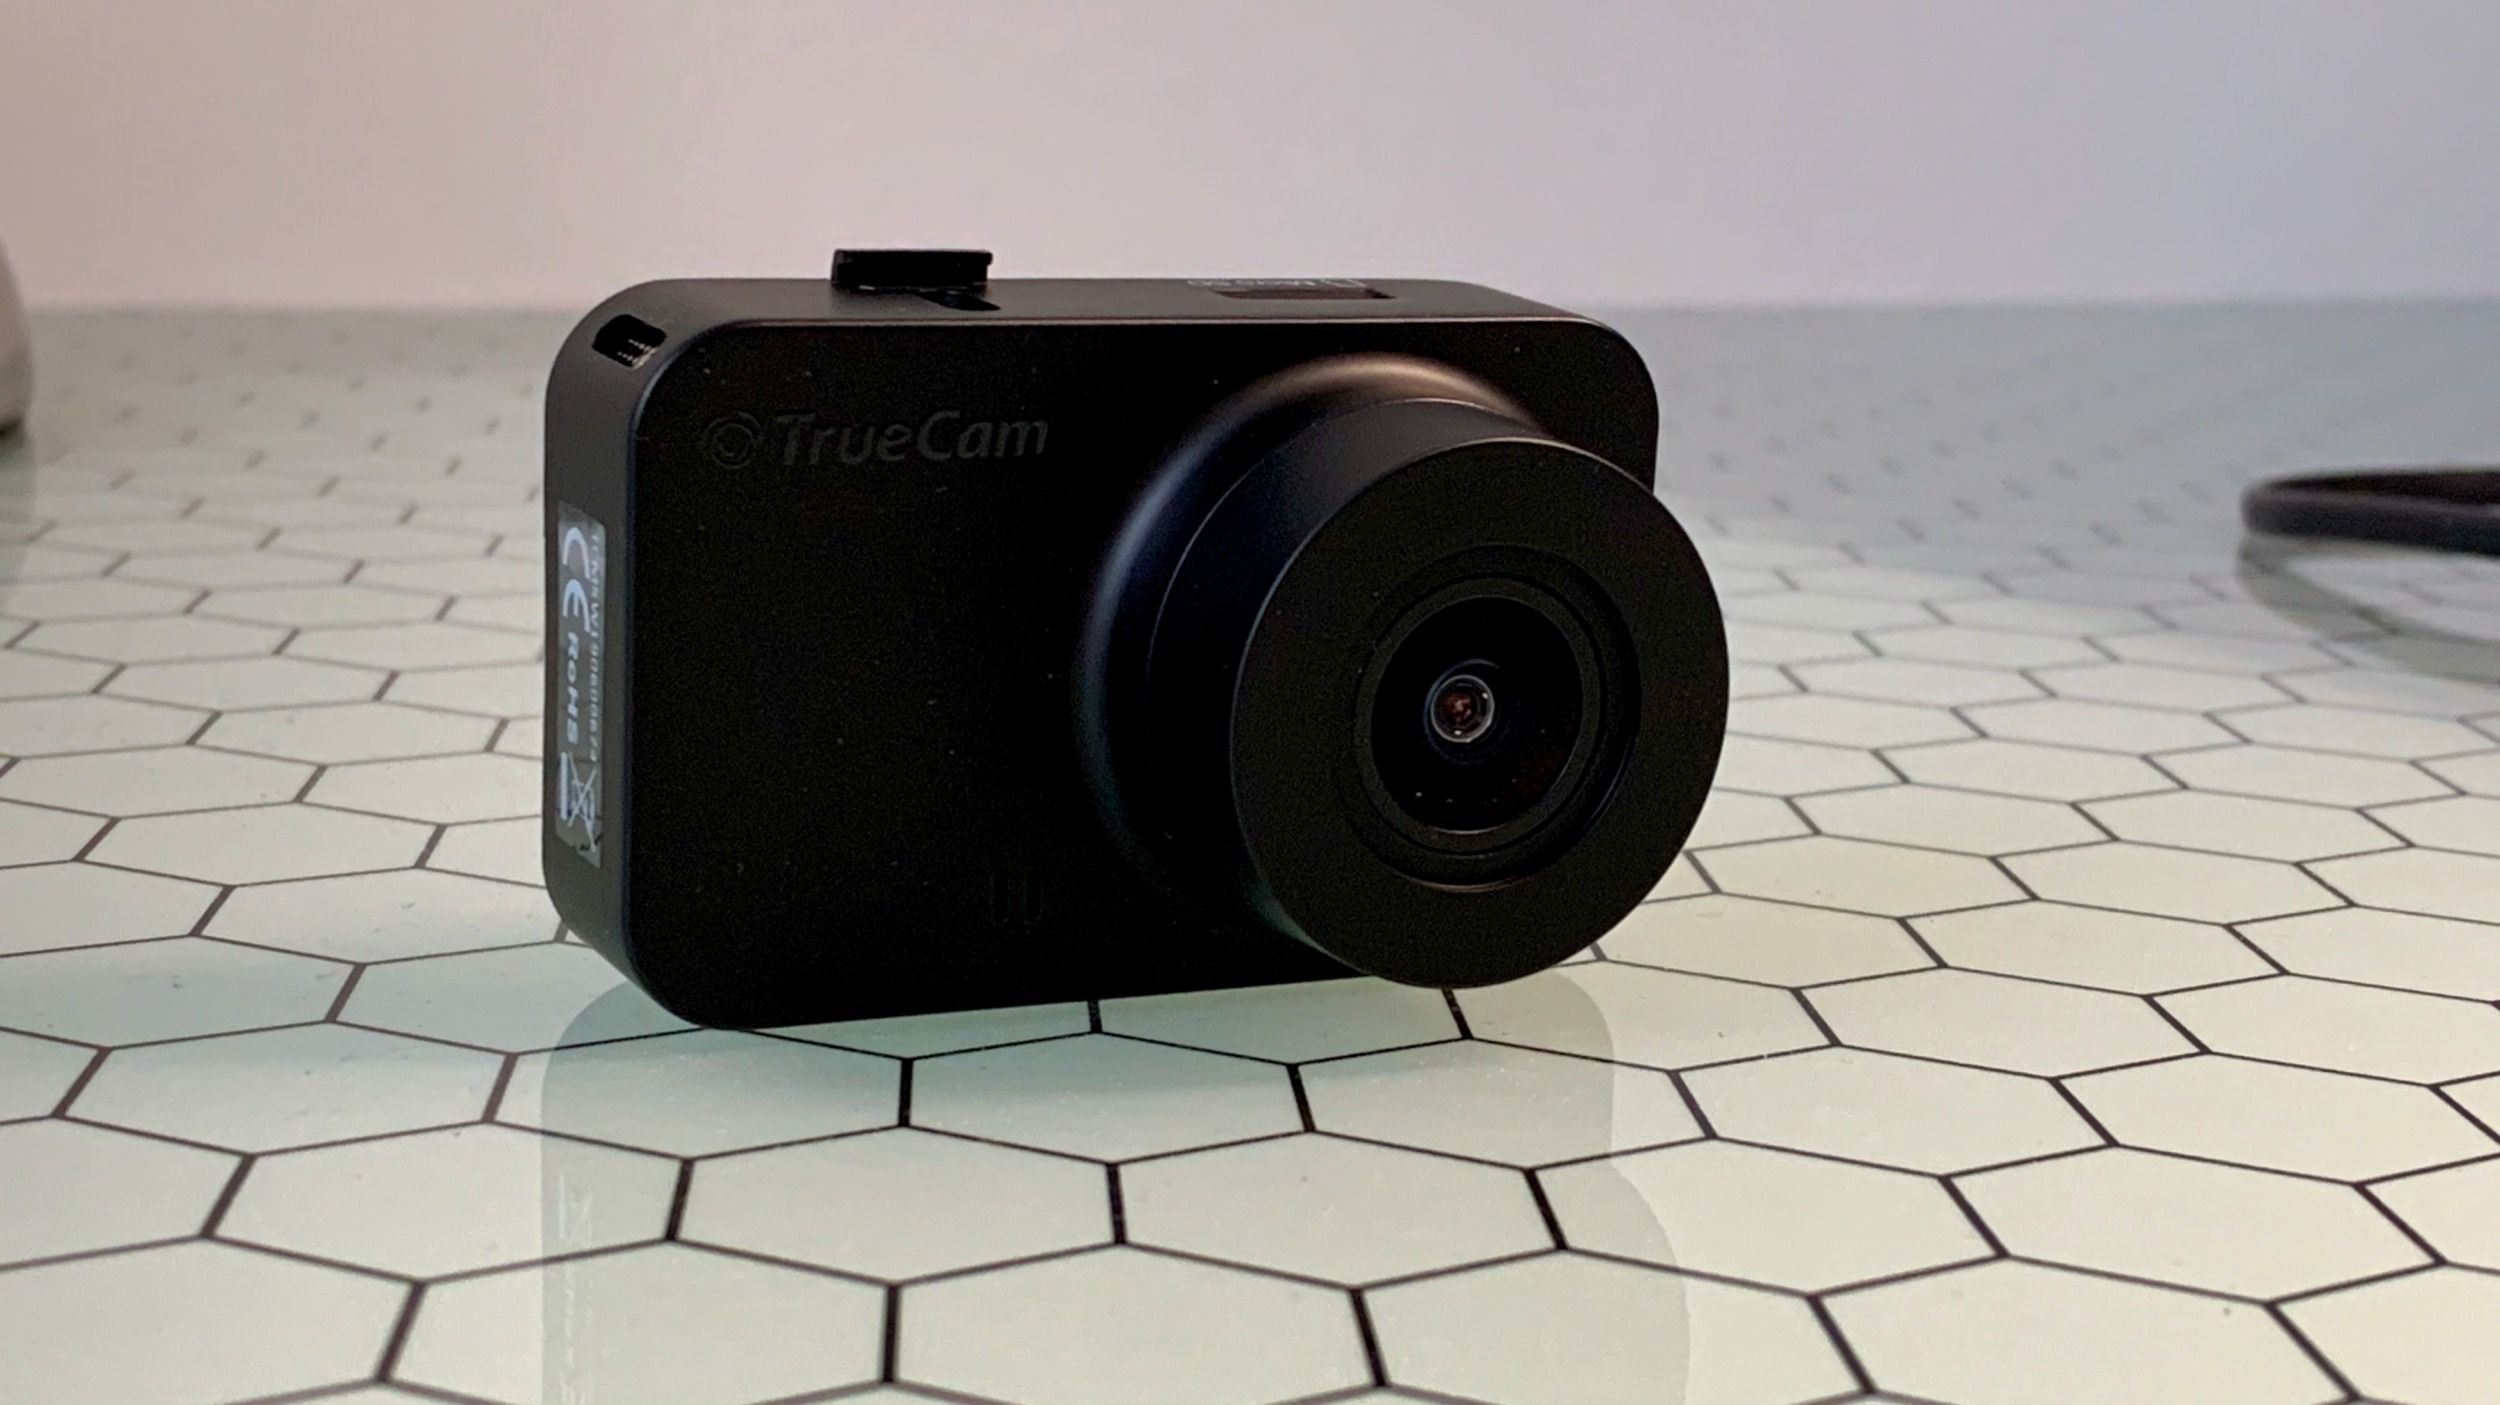 TrueCam M5 – kamera do auta, která splní svůj účel [recenze]